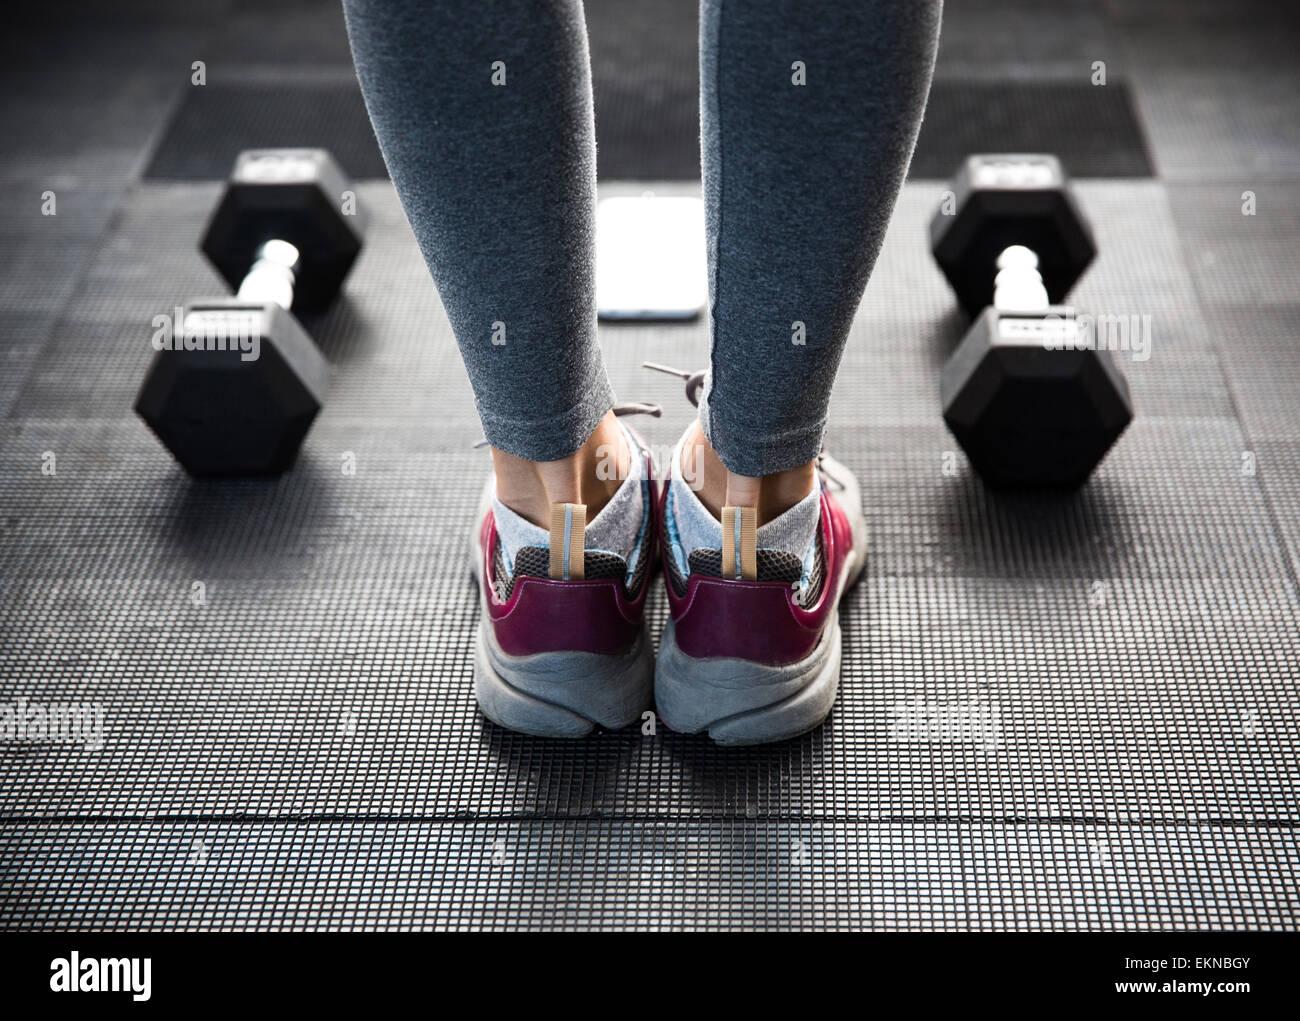 Libre de droit d'une femme aux jambes at gym Photo Stock